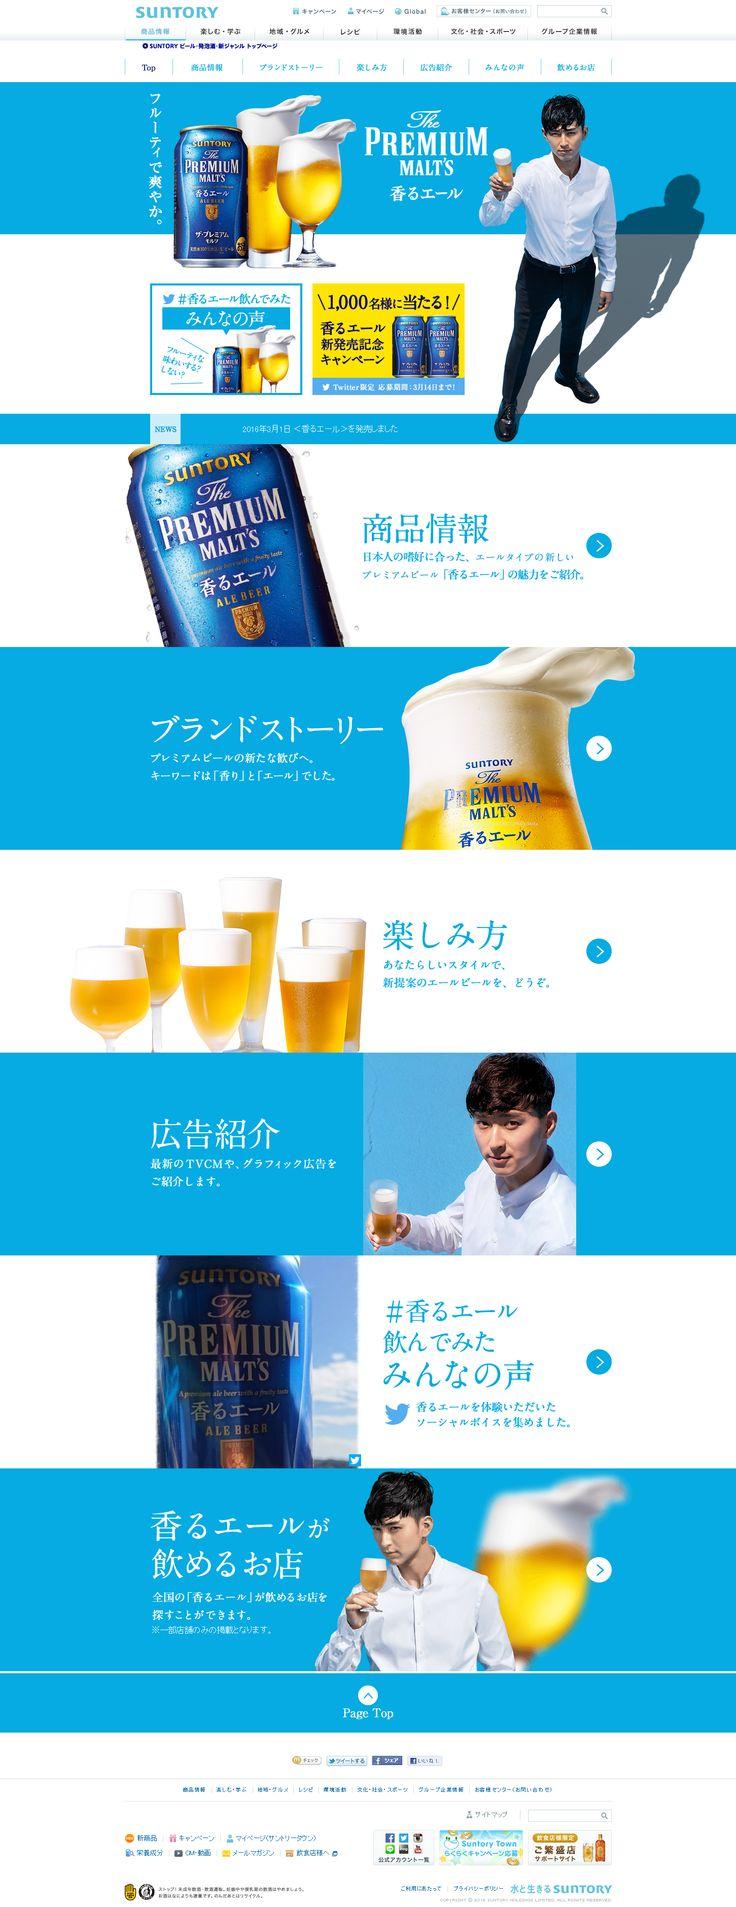 http://www.suntory.co.jp/beer/kaoruale/